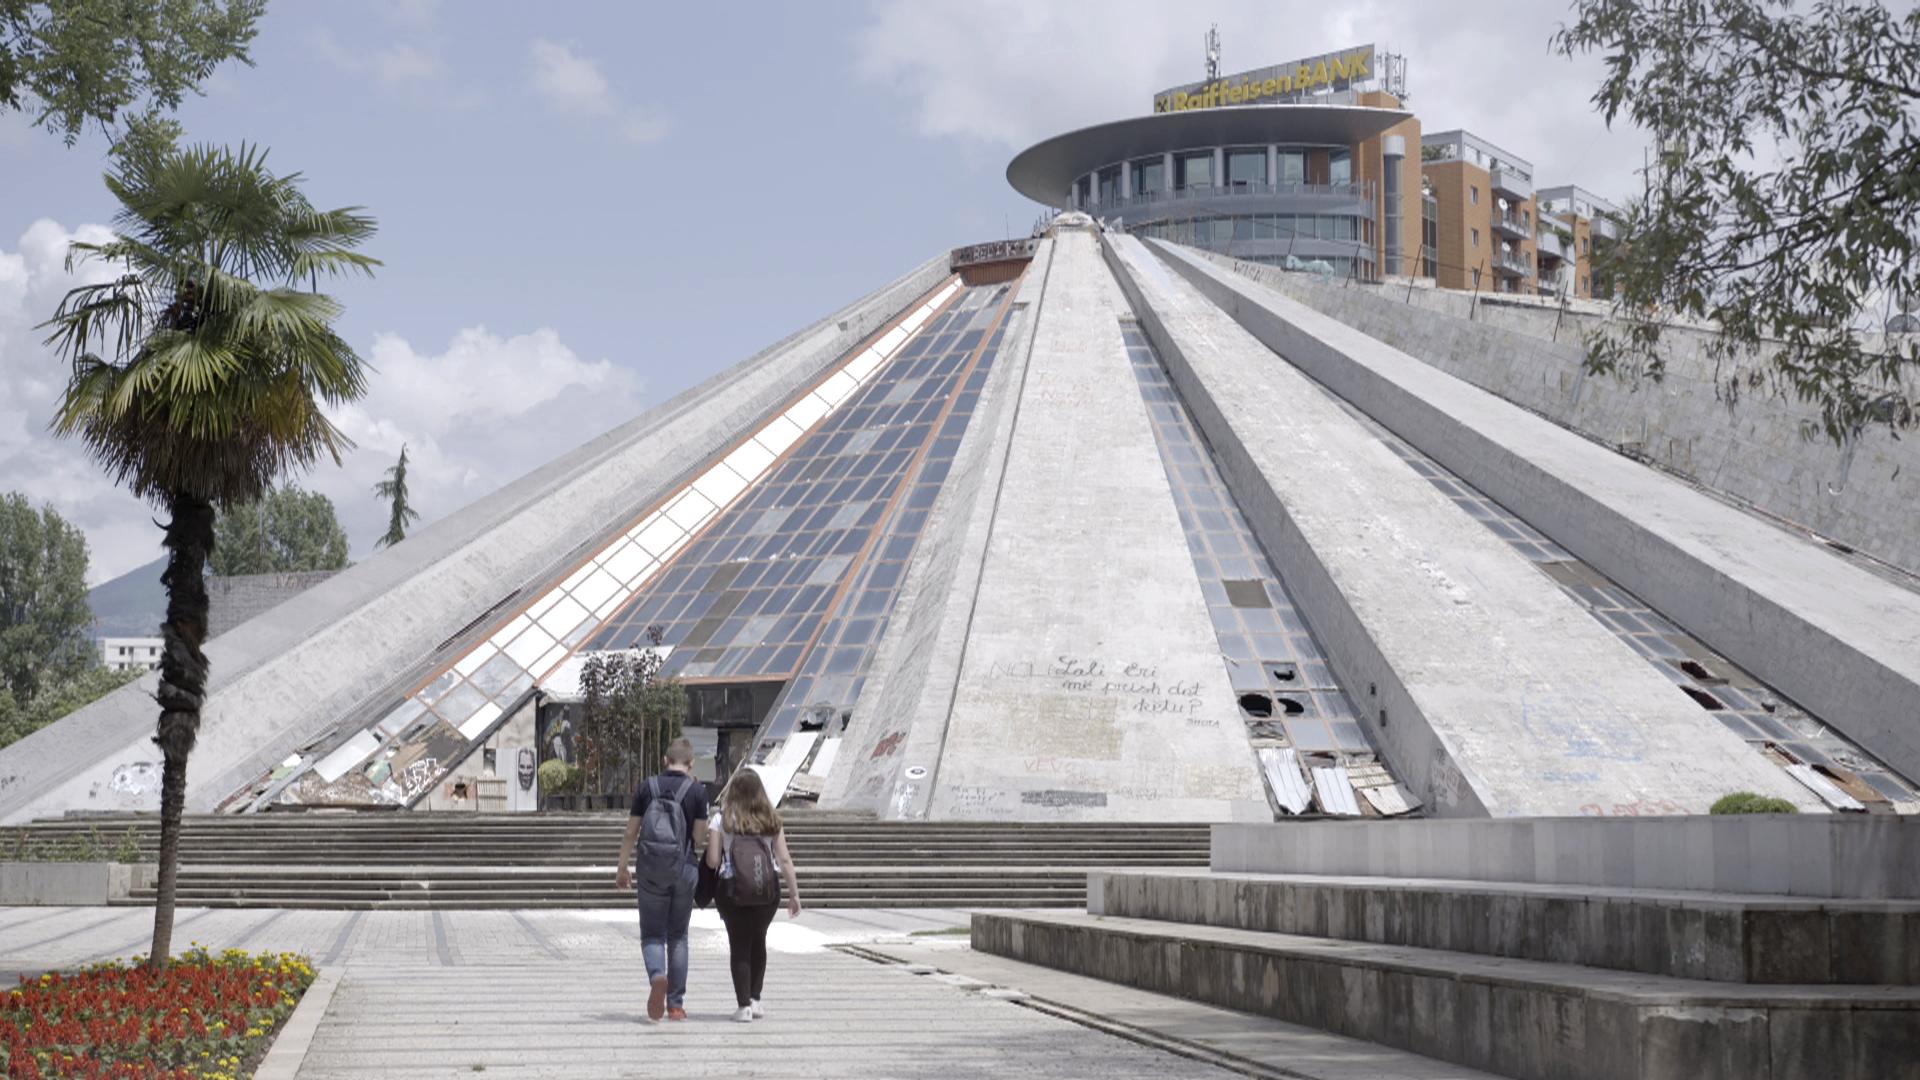 Pyramide_Tirana_Relikt_aus_kommunistischer_Zeit